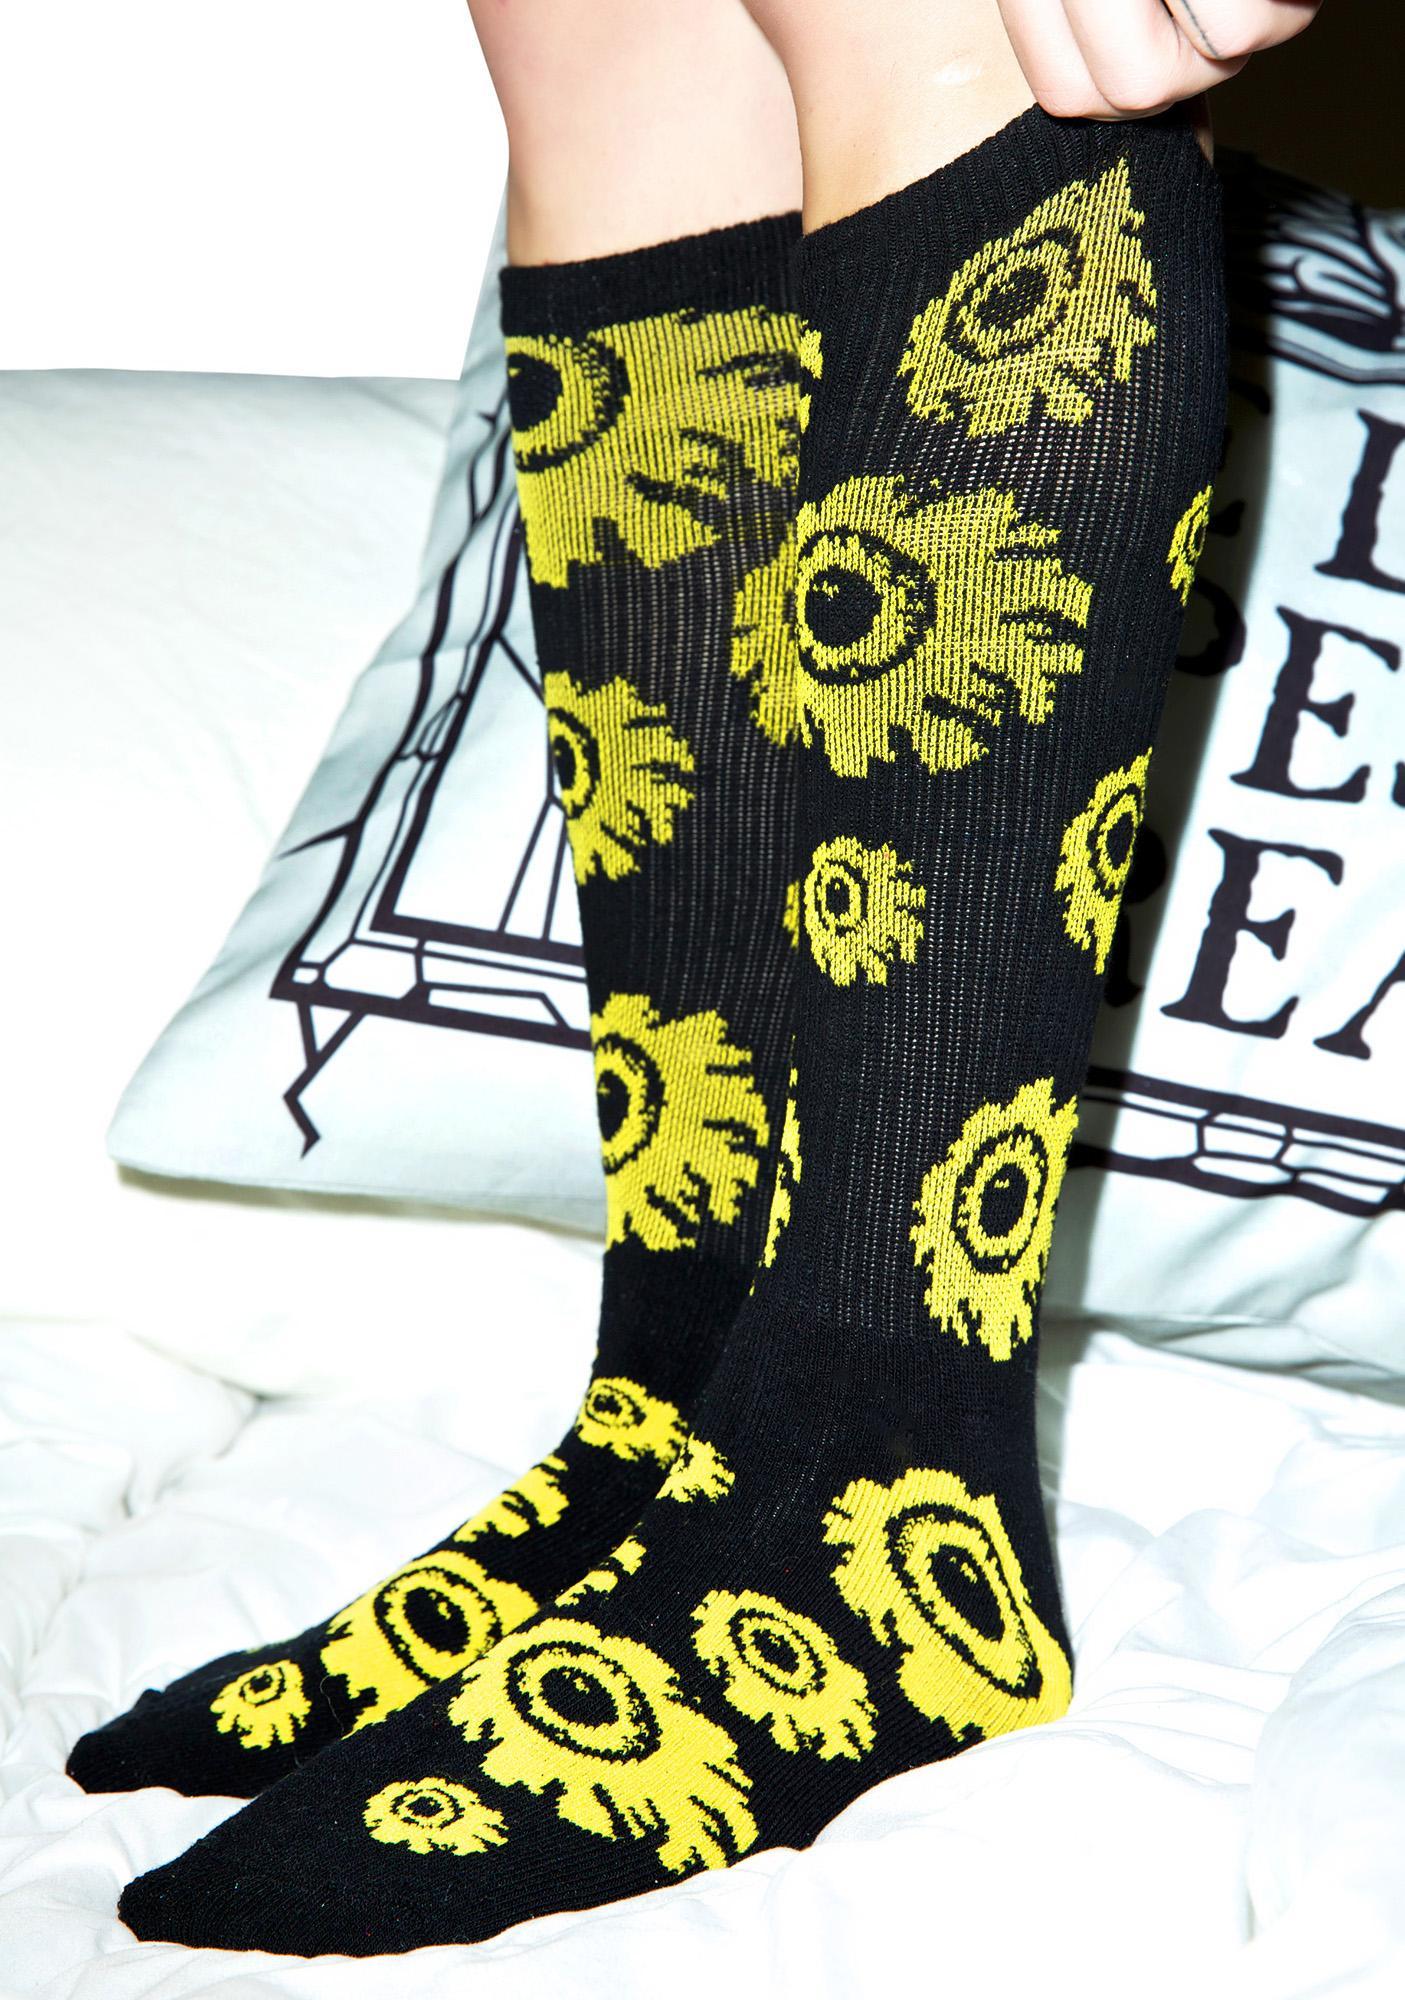 Mishka Keep Watch Socks